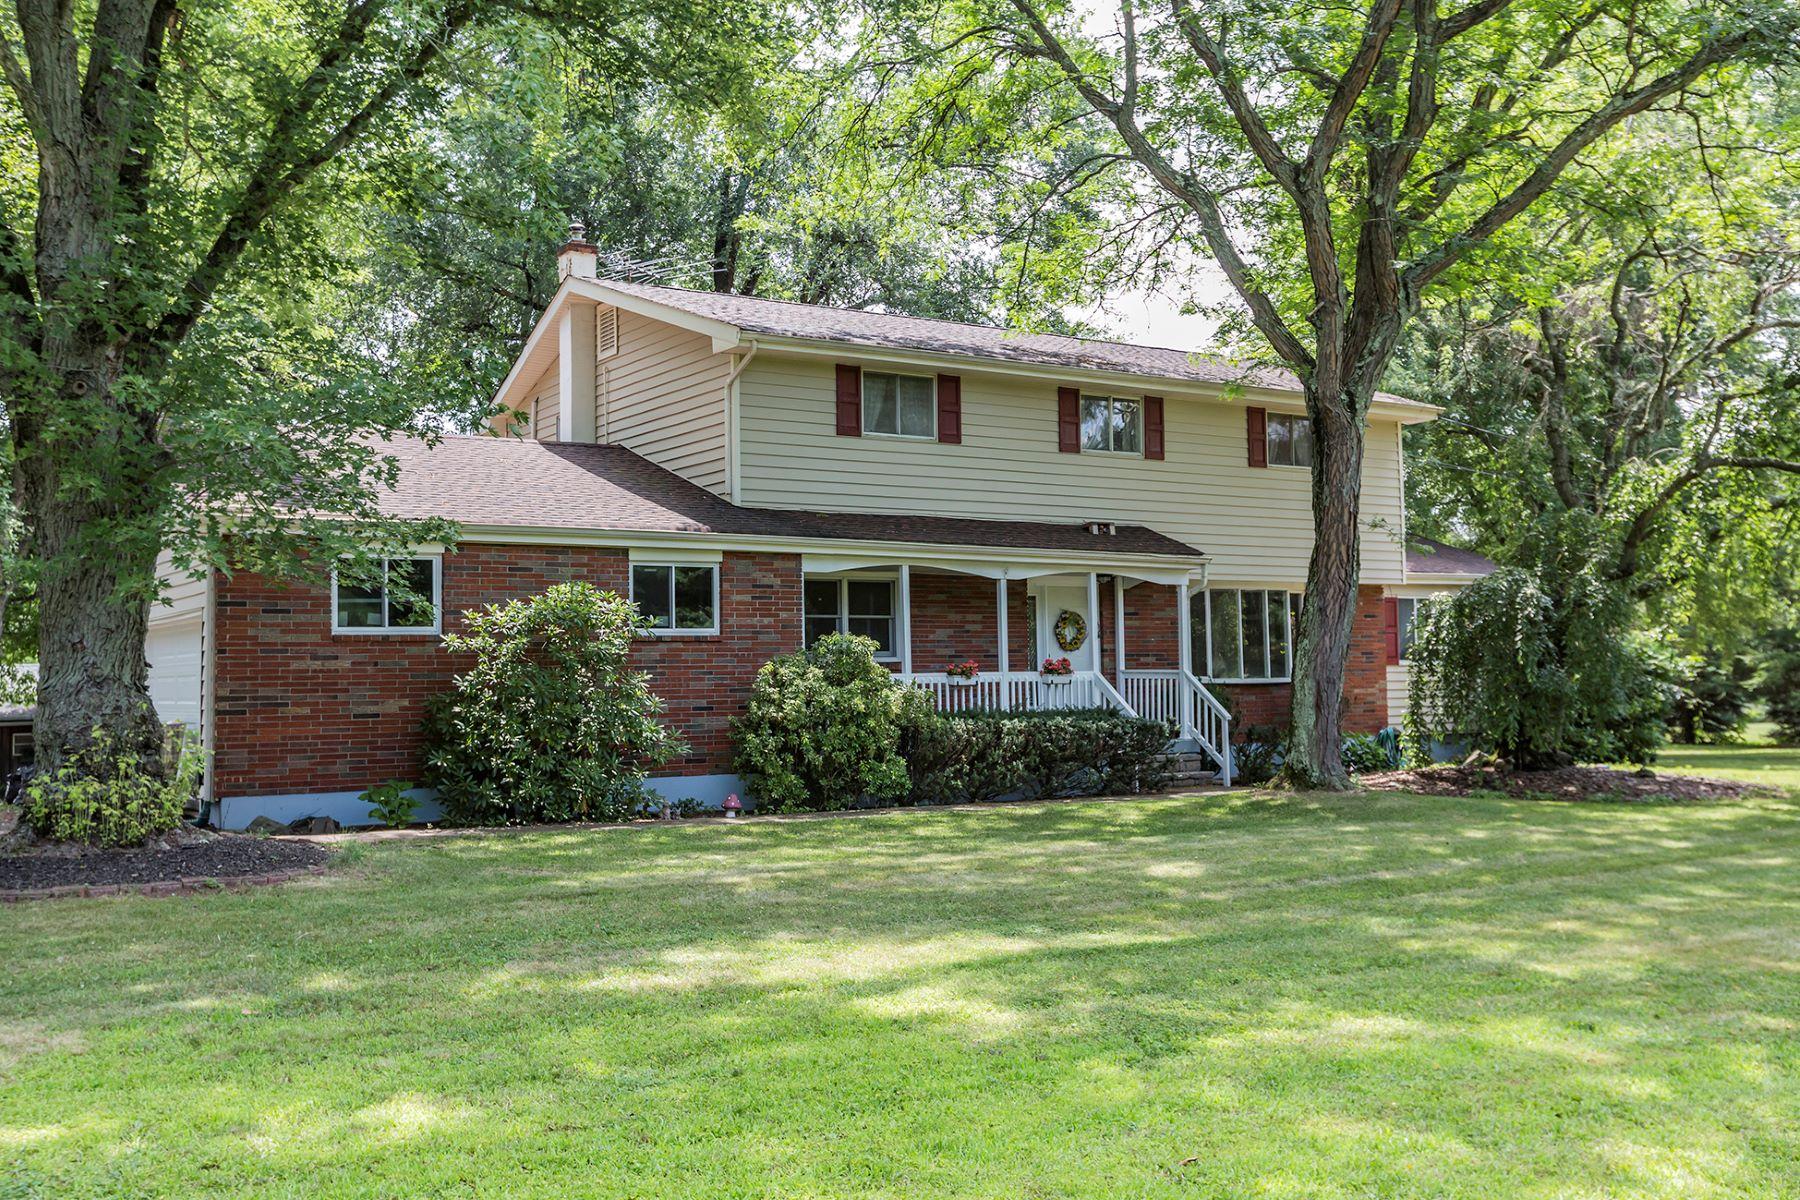 一戸建て のために 売買 アット Sure To Surprise And Delight - East Amwell Township 50 Rainbow Hill Road Flemington, ニュージャージー 08822 アメリカ合衆国